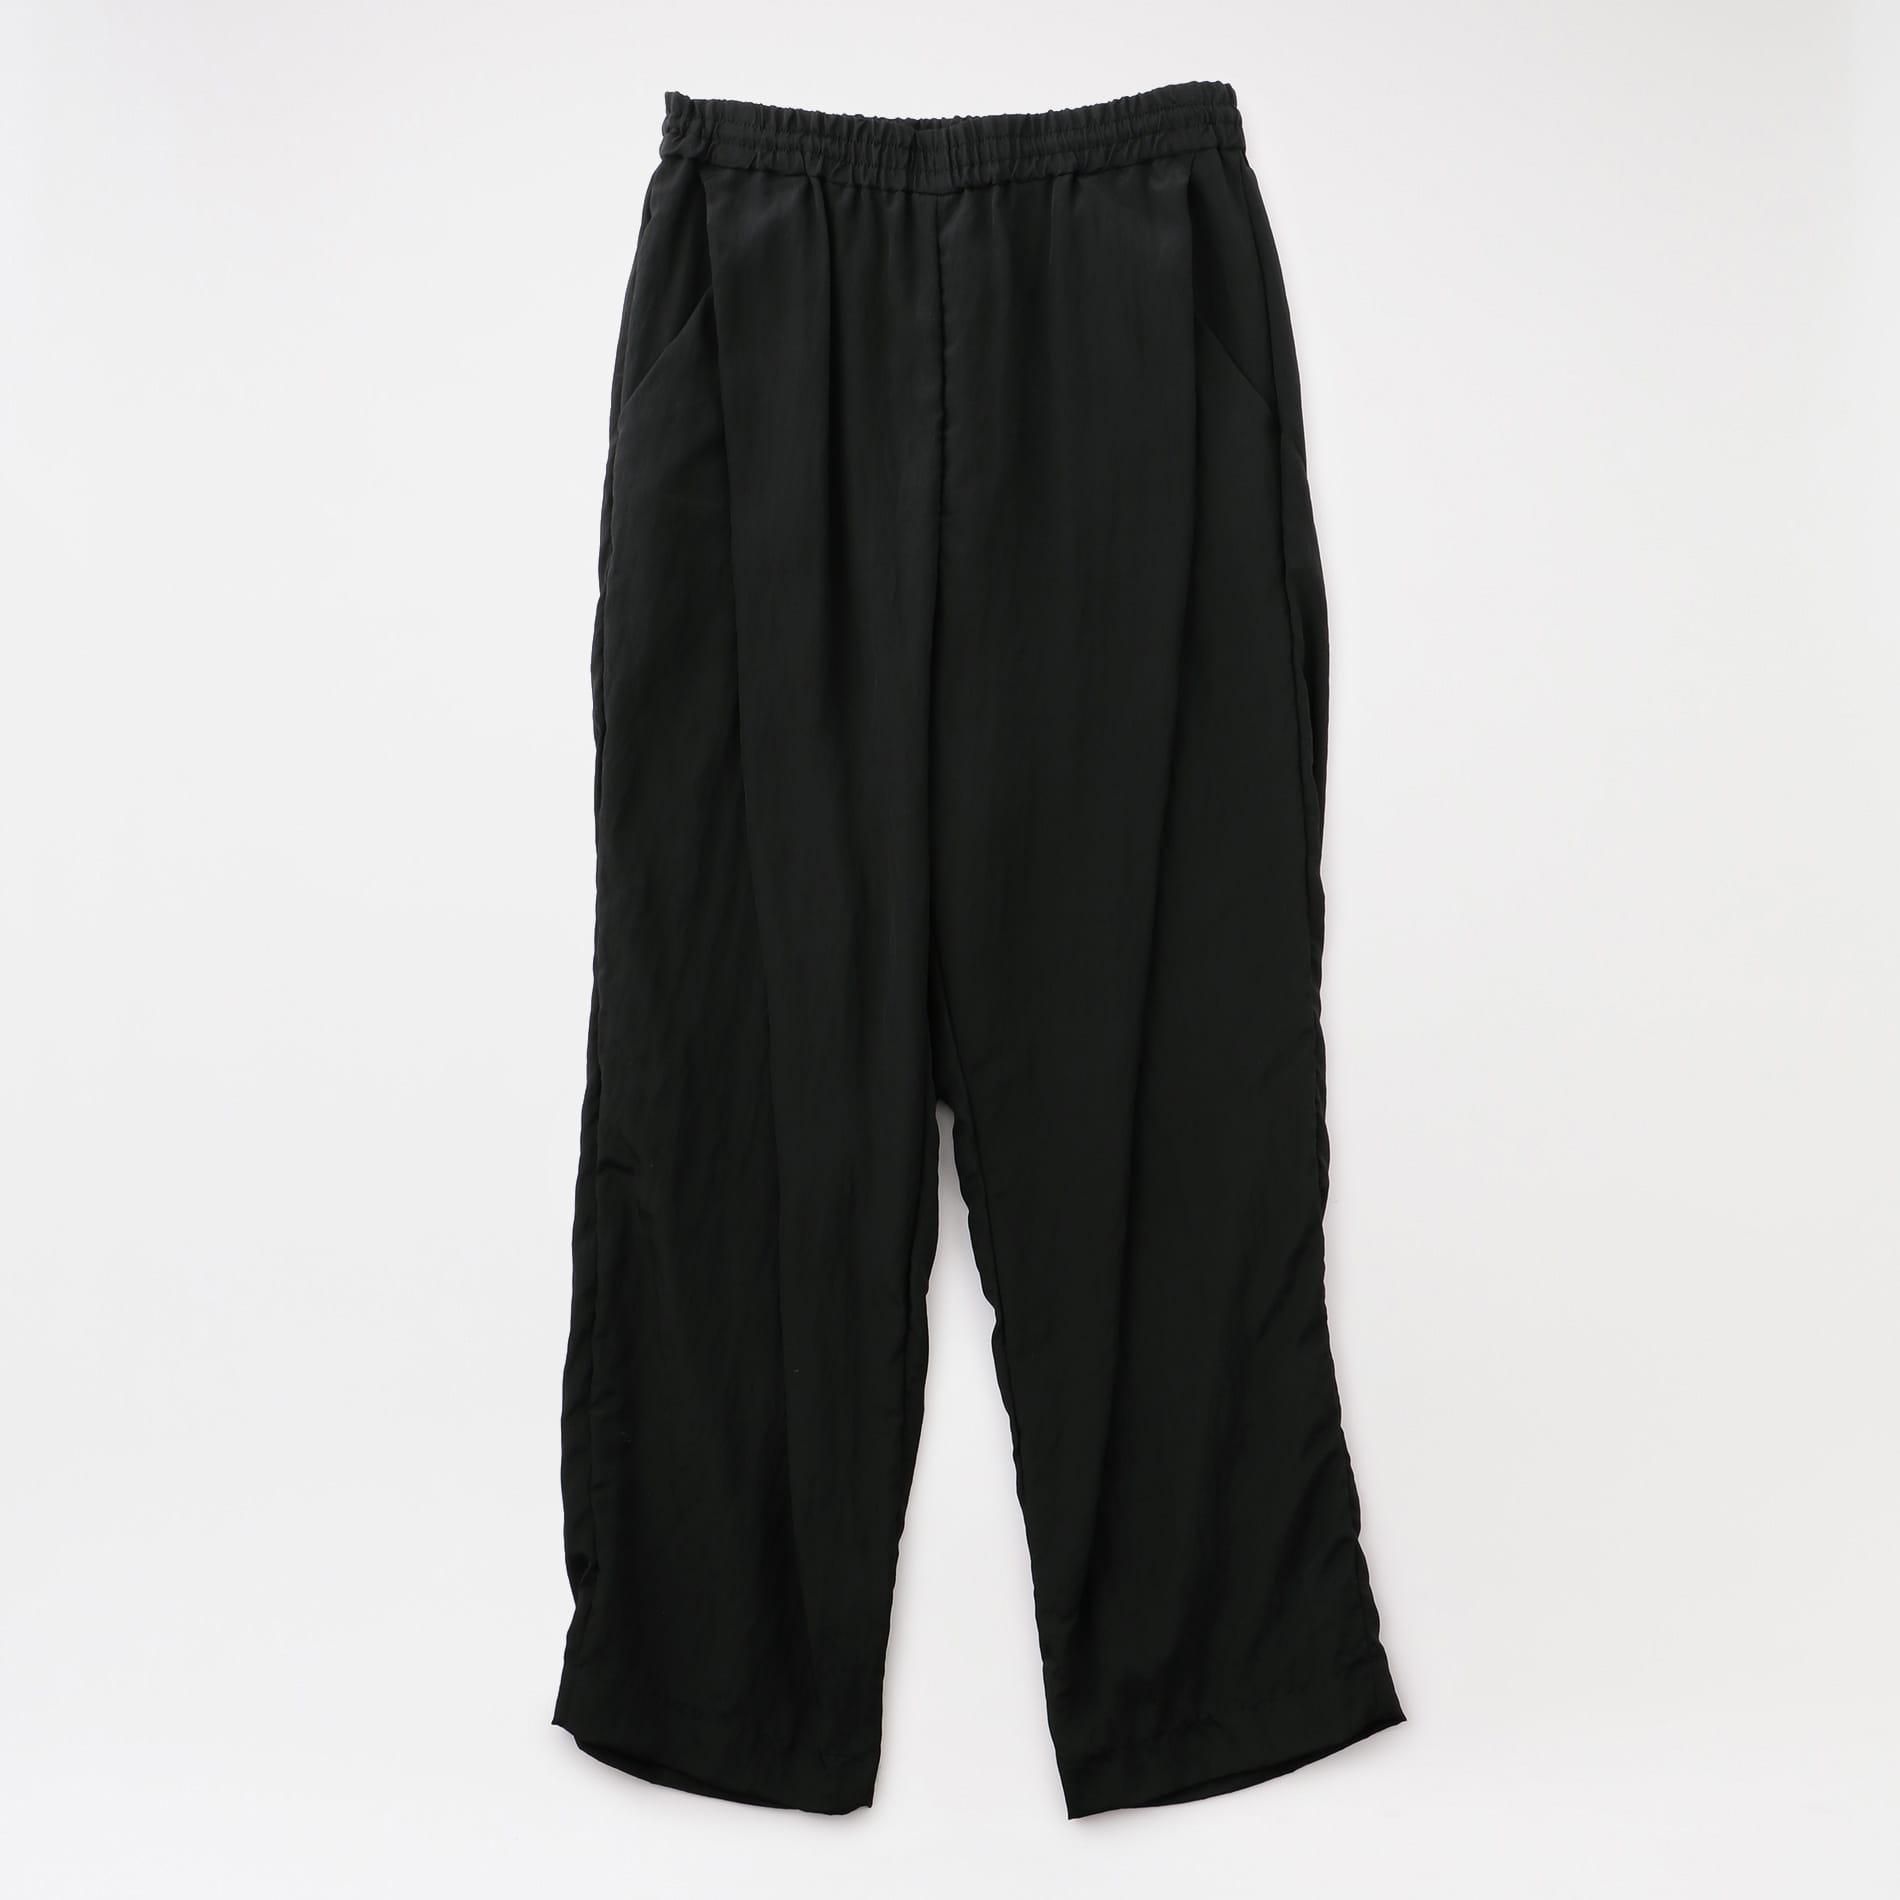 【yoshiokubo GROUNDFLOOR】MEN WIDE PANTS YKS20417